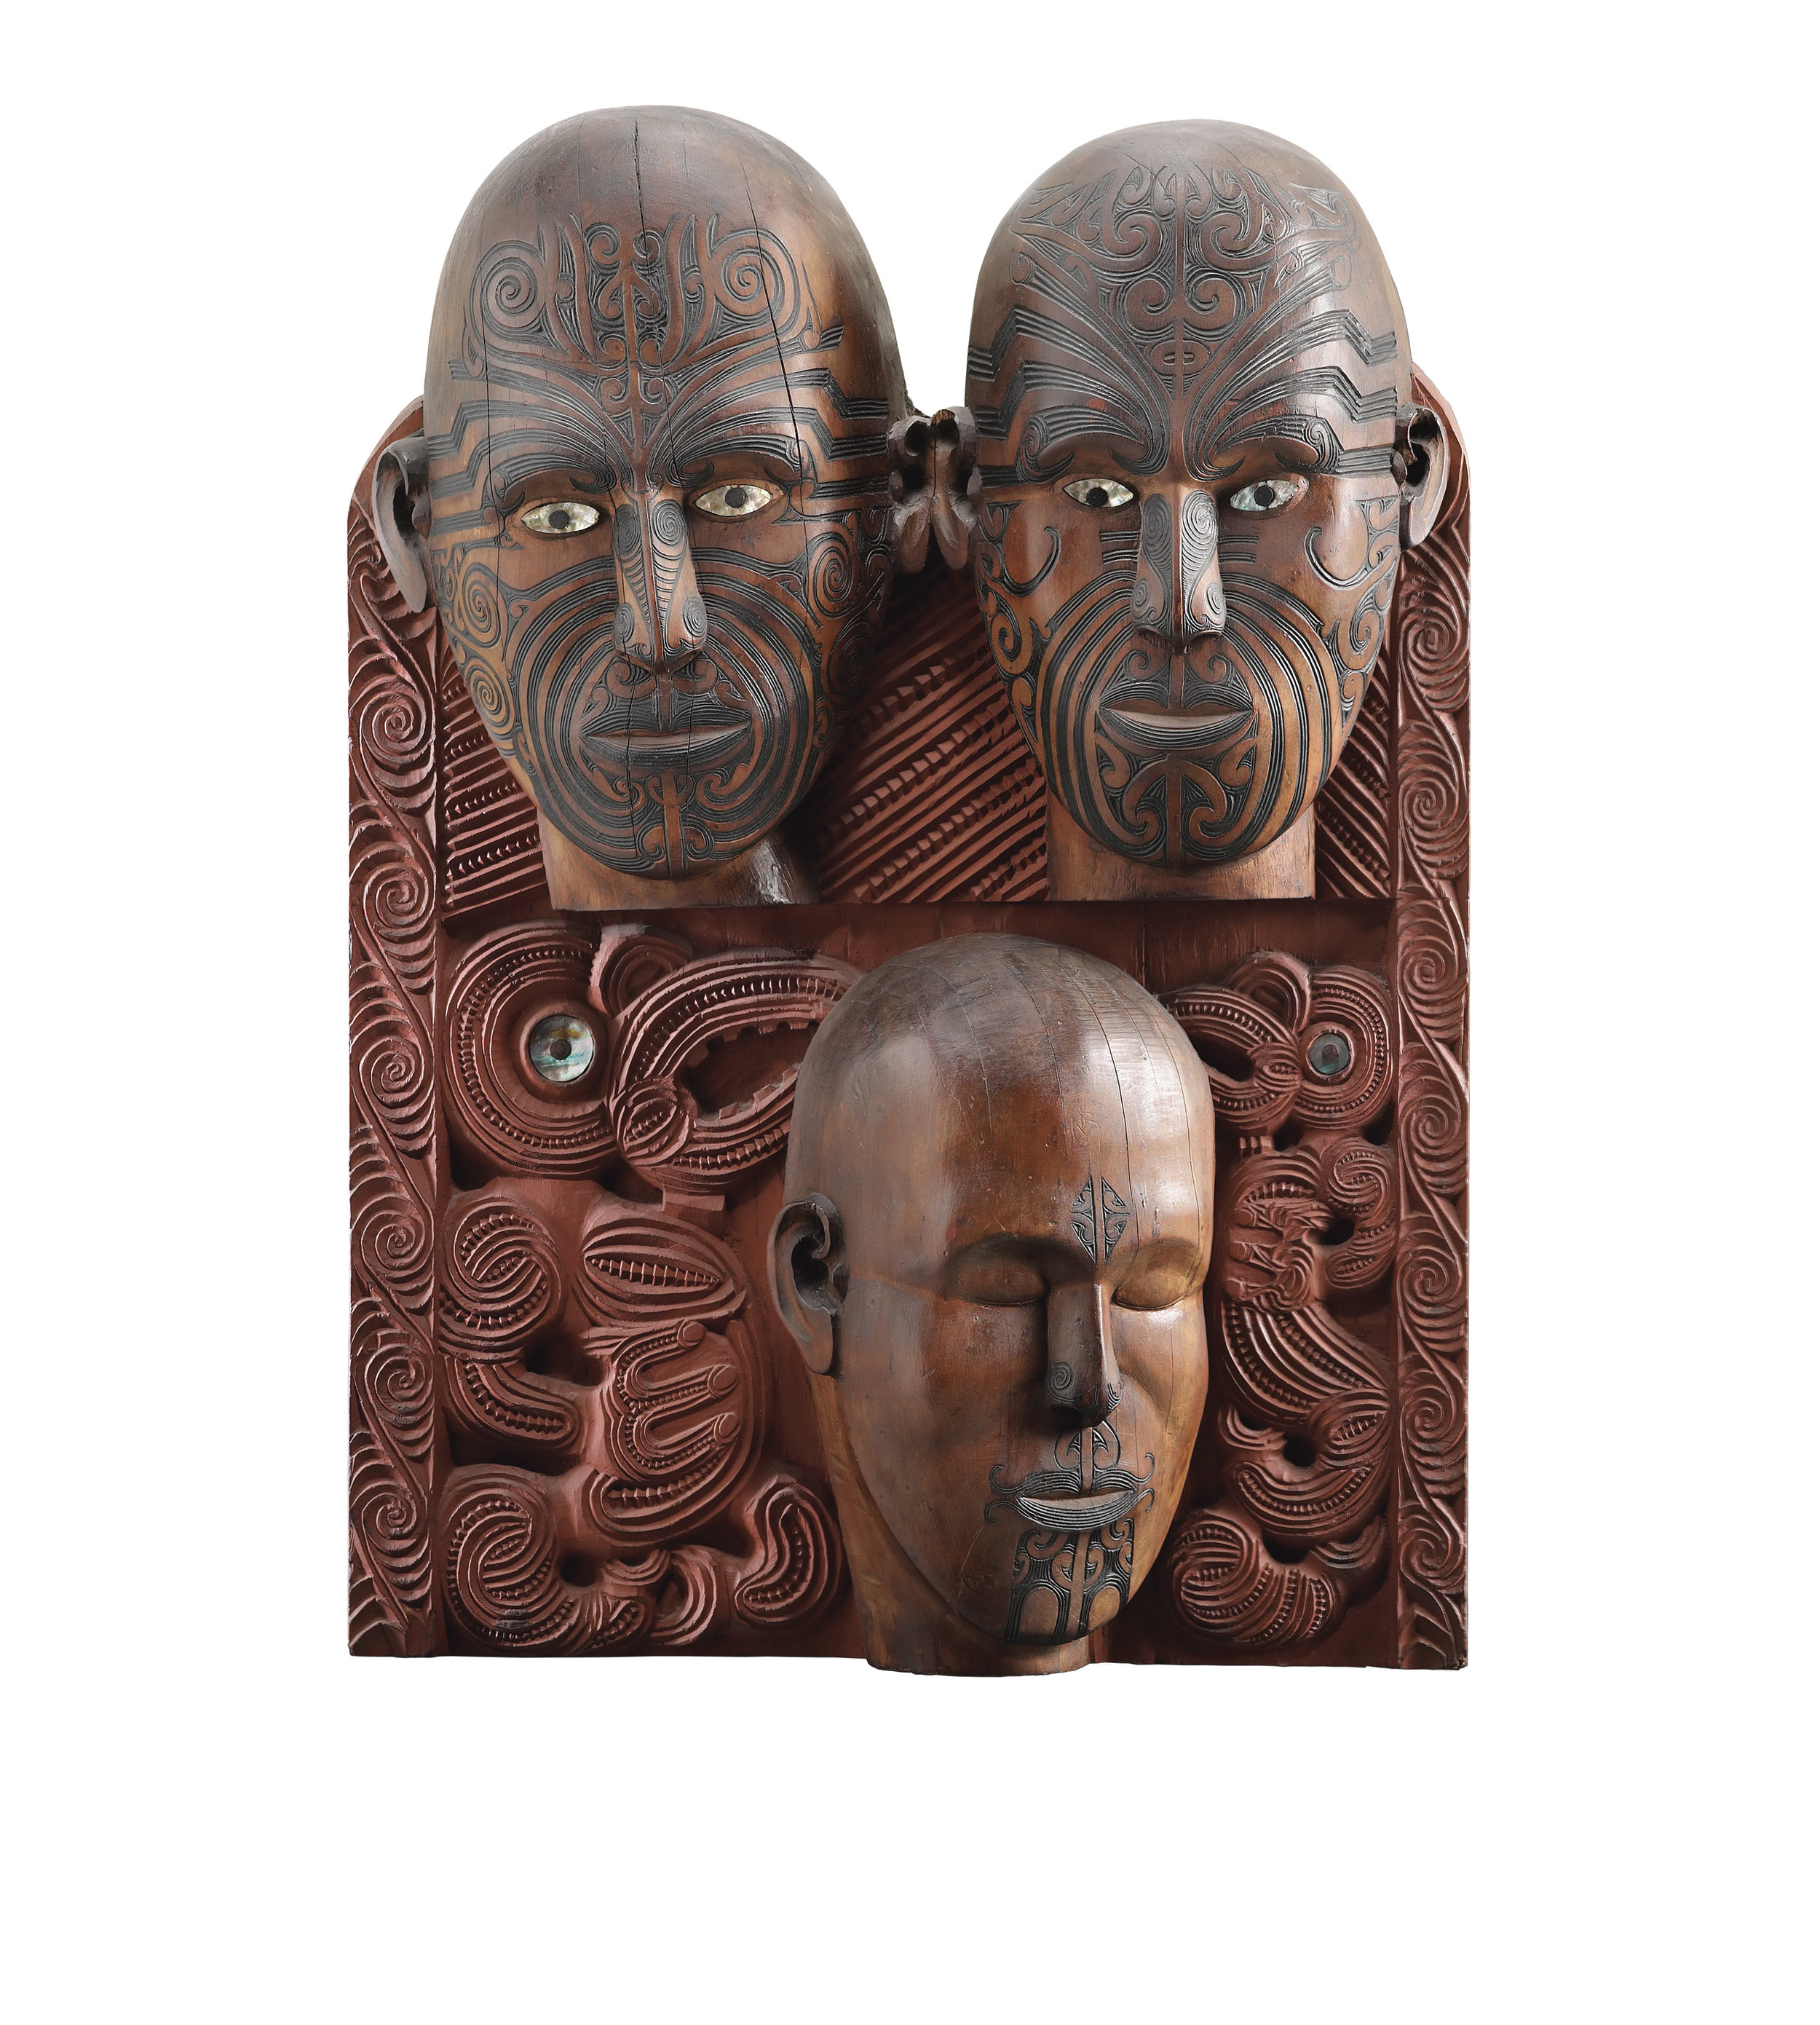 Tene Waitere, Tā Moko panel, 1896-99. (PHOTO: The Museum of New Zealand Te Papa Tongarewa)